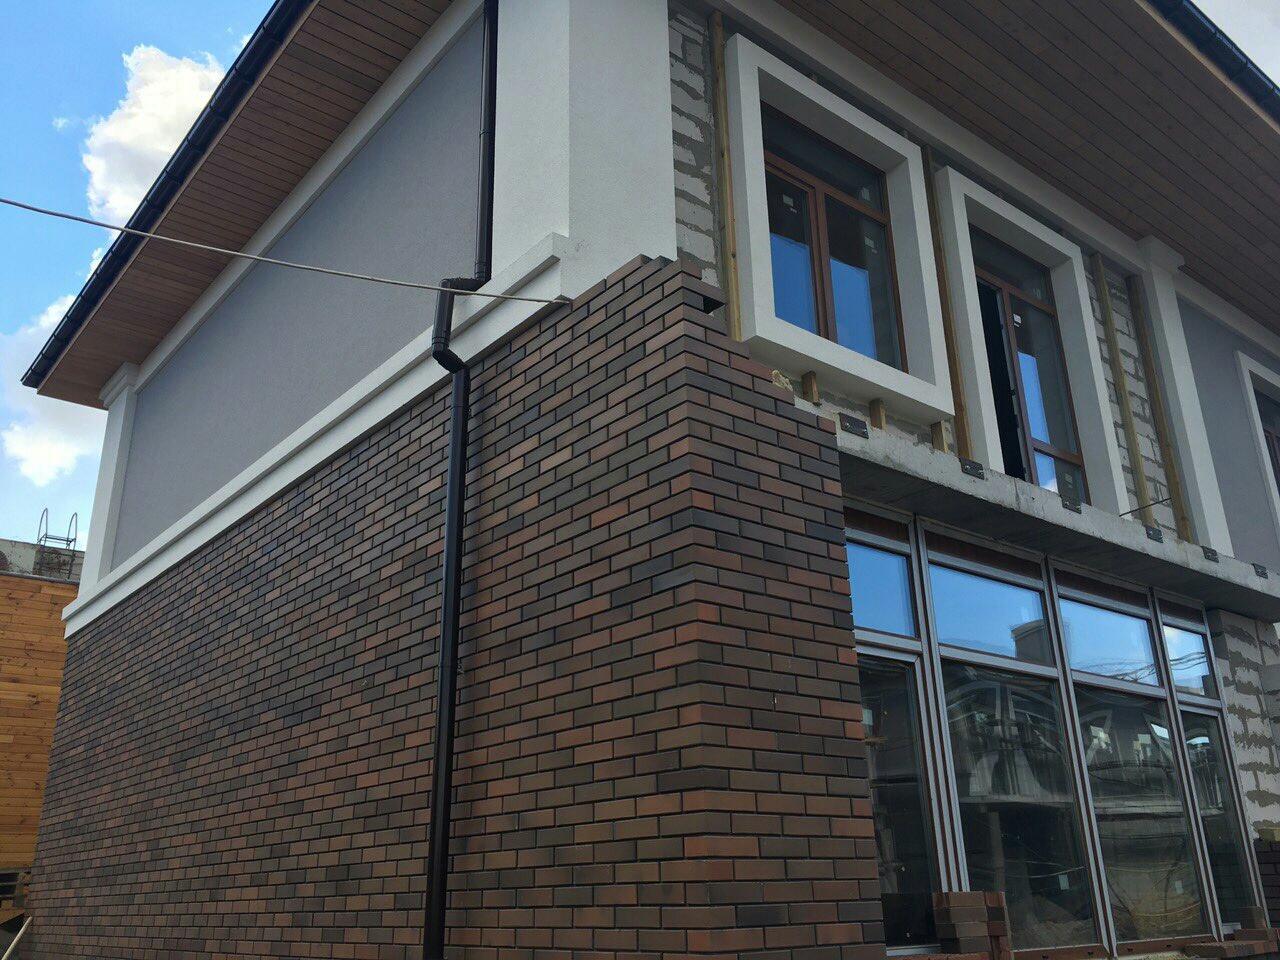 Стена таунхауса облицована клинкерным кирпичем